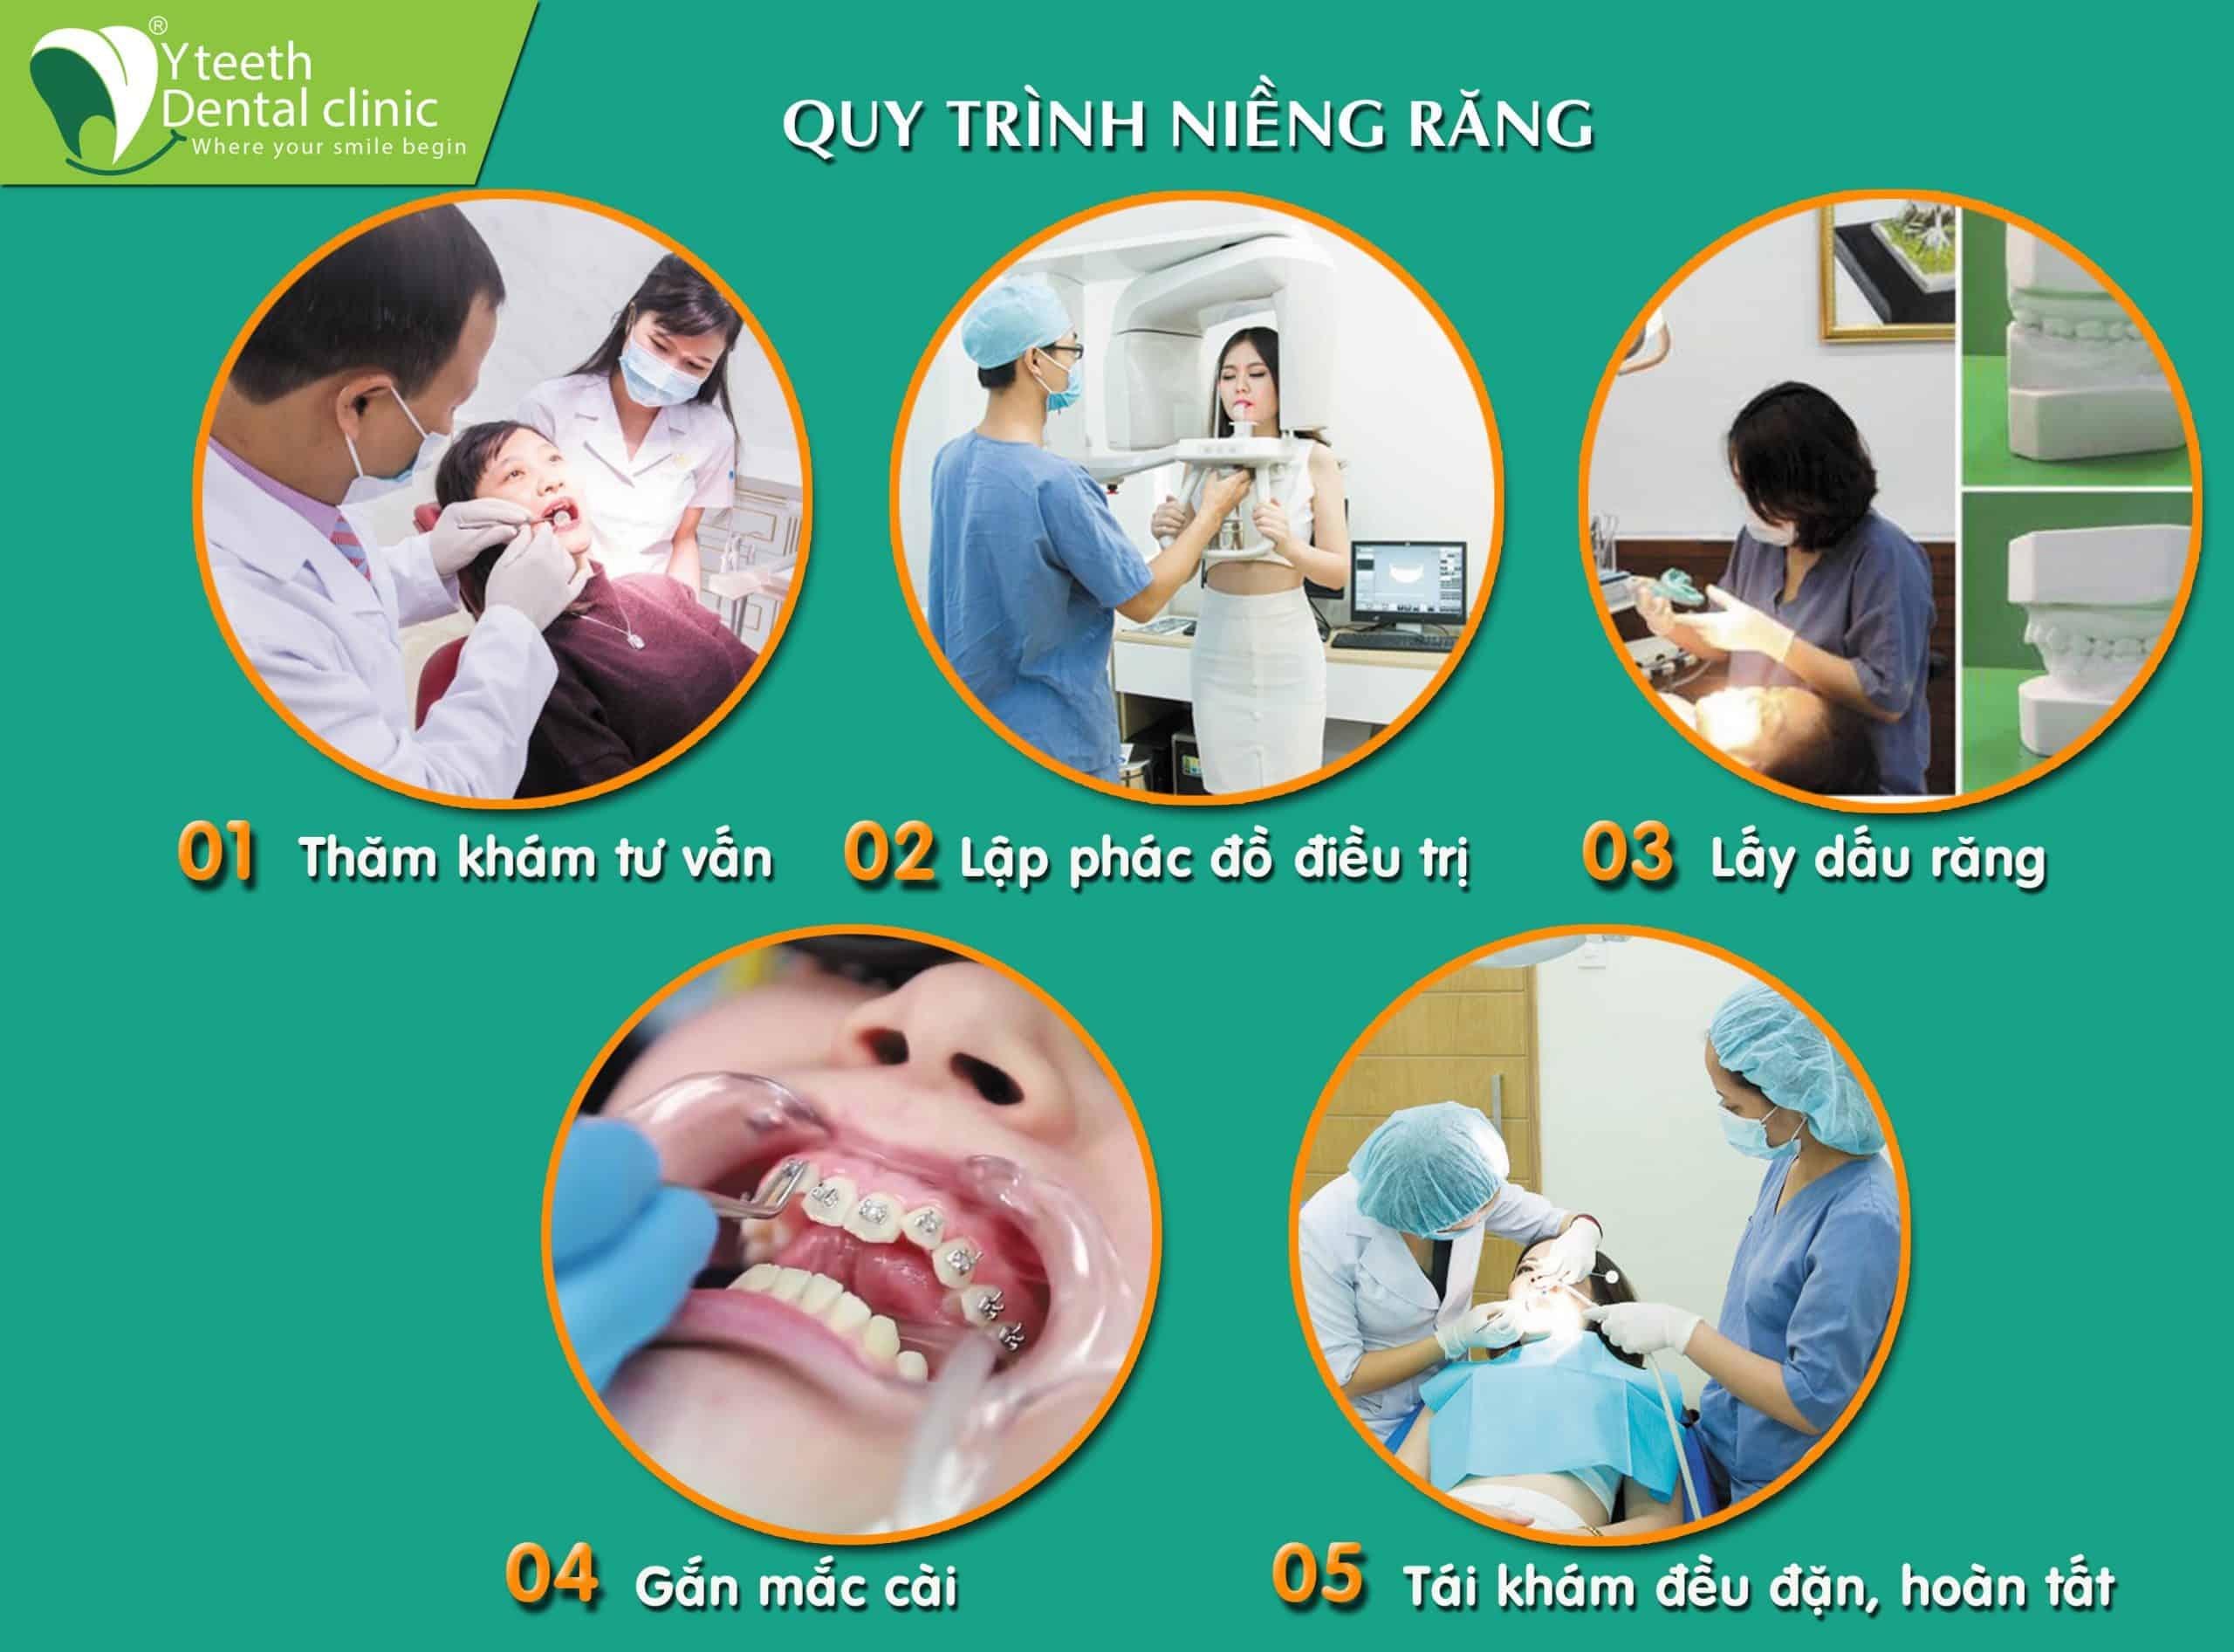 Quy trình Niềng răng tại nha khoa Yteeth